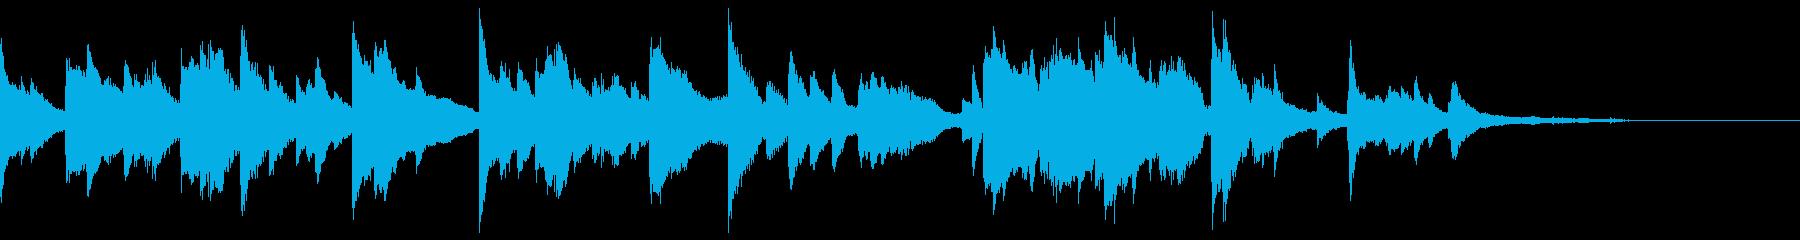 ピアノソロ・ポストクラシカル・幻想的の再生済みの波形